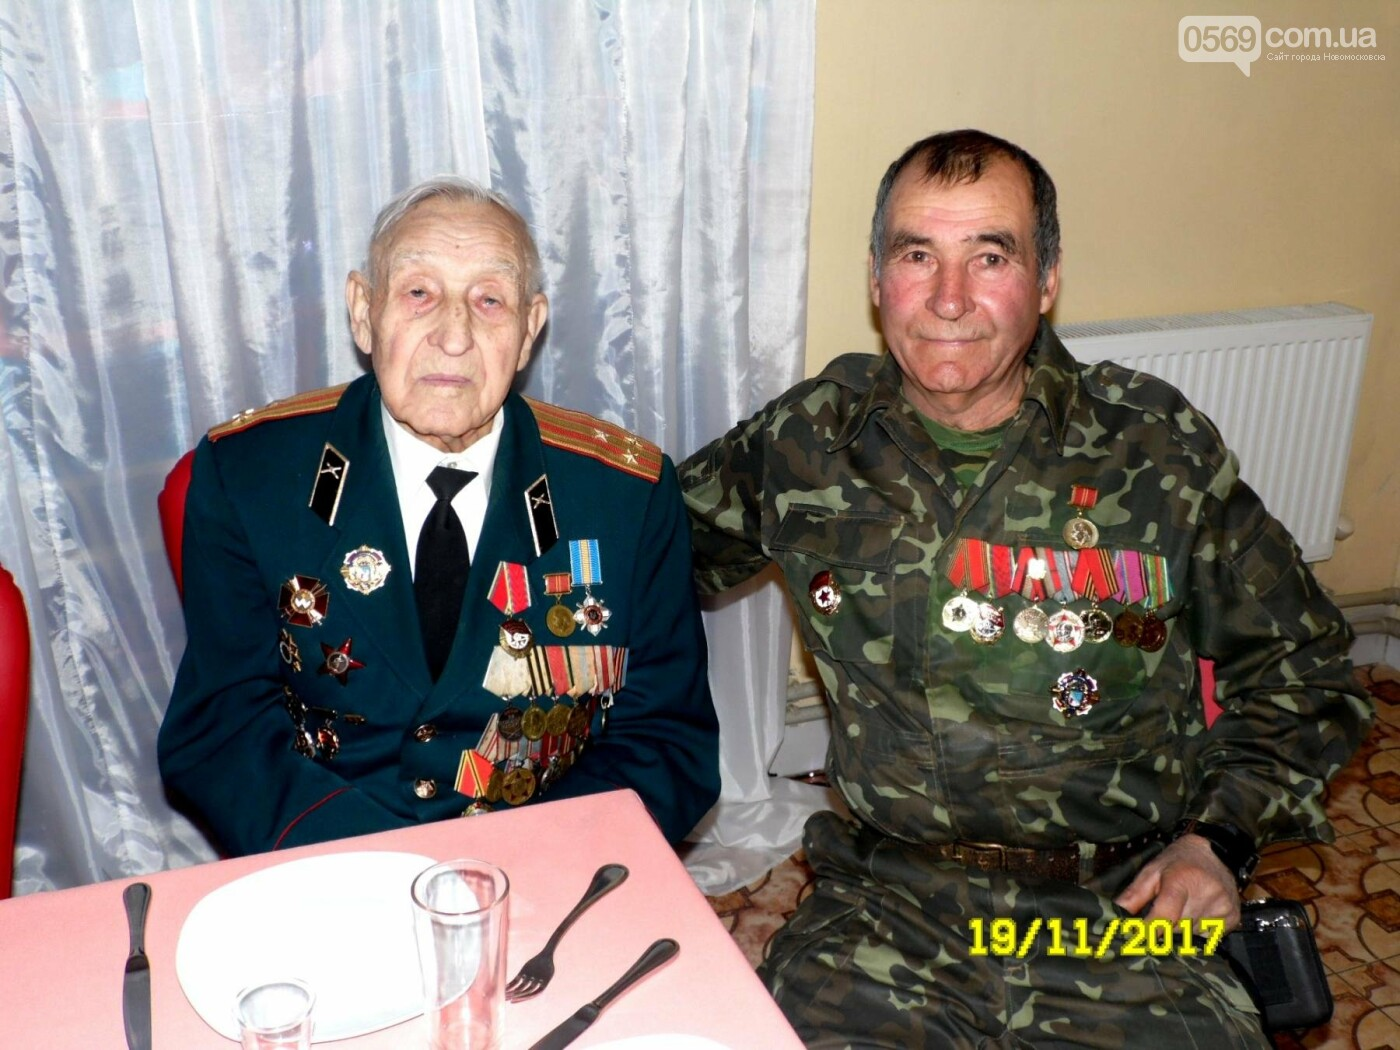 Новомосковские ветераны гвардейцы-артиллеристы отметили 75-летие Сталинградской битвы, фото-1